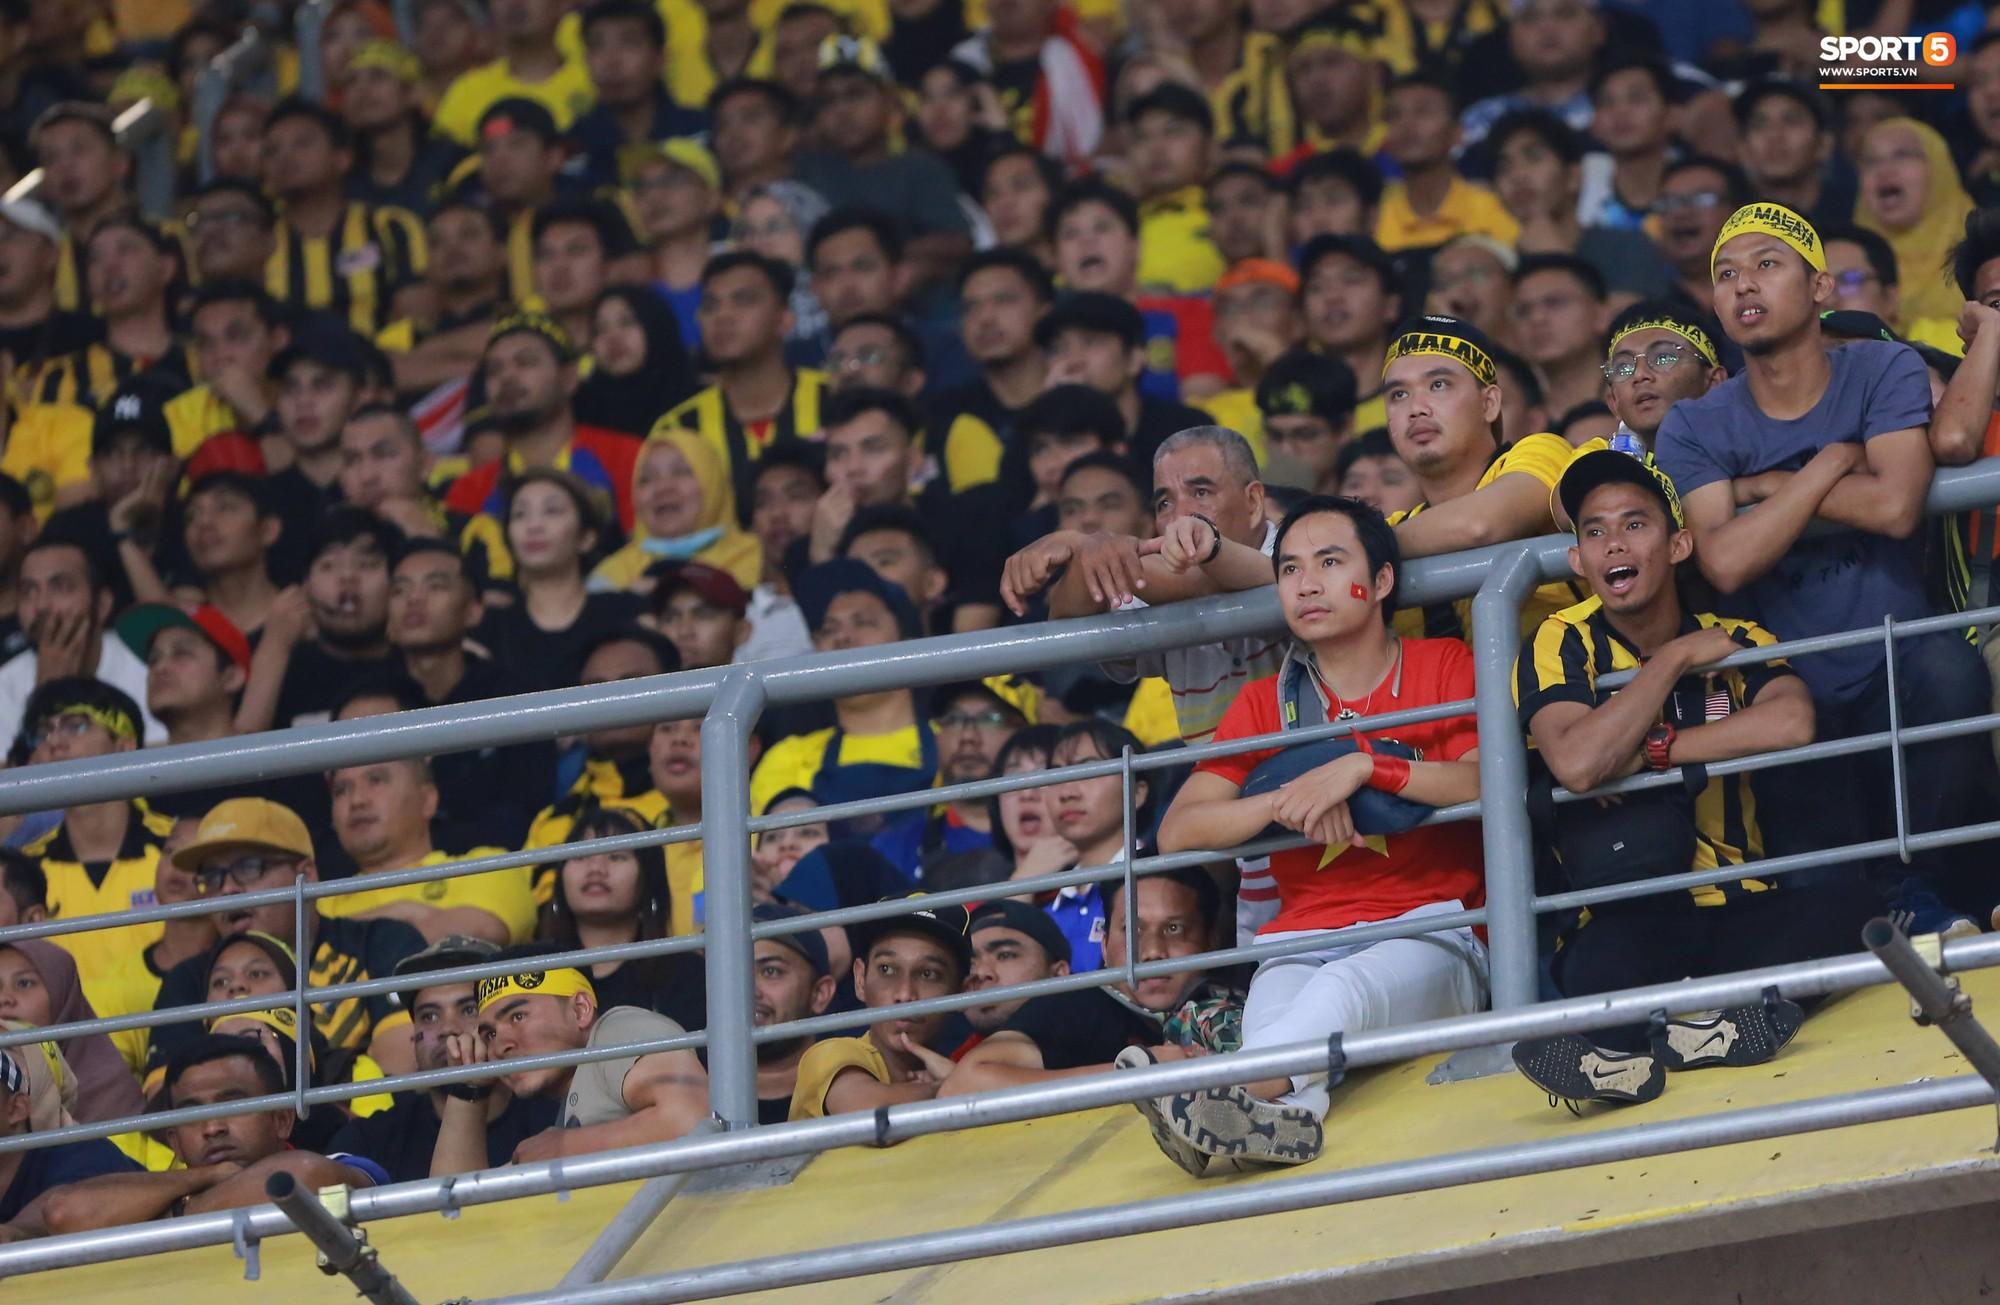 Báo Malaysia thay CĐV Việt Nam nói lên nỗi bức xúc vì bị cướp chỗ trên khán đài Bukit Jalil 1